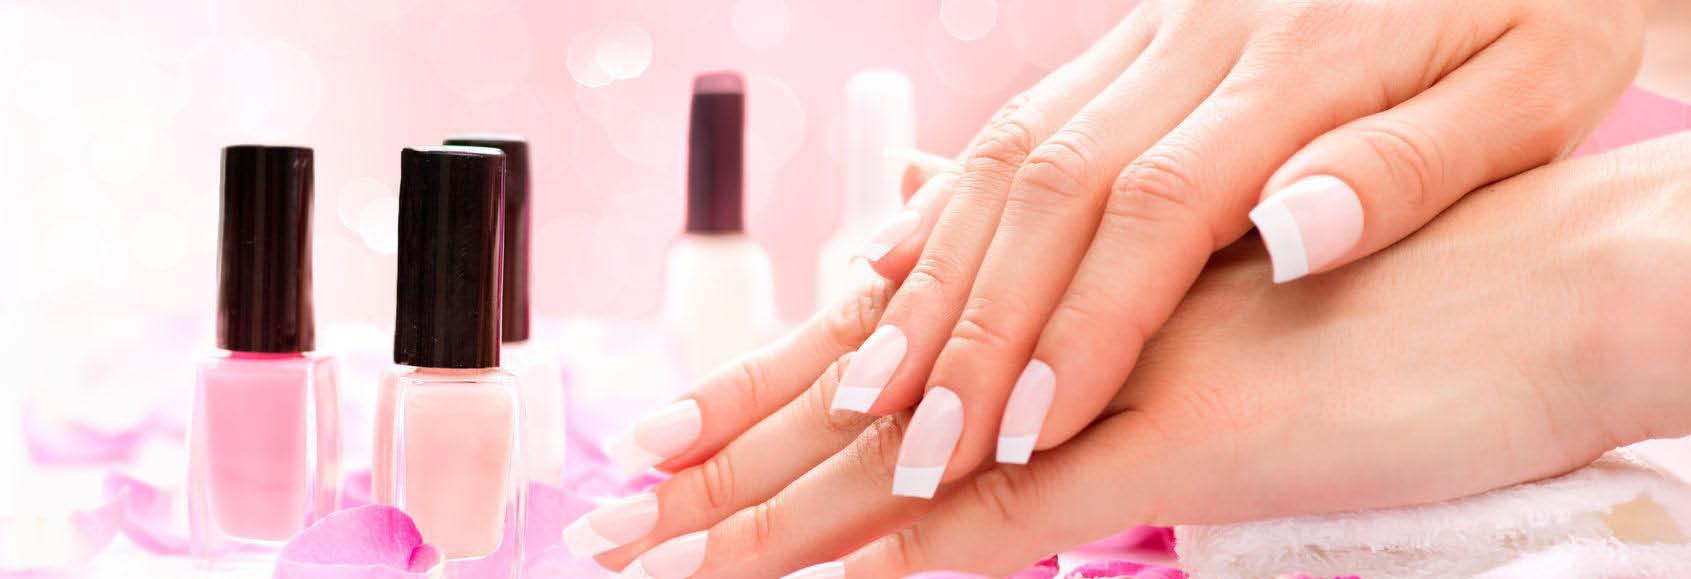 manicure, hands, pedicure, salon